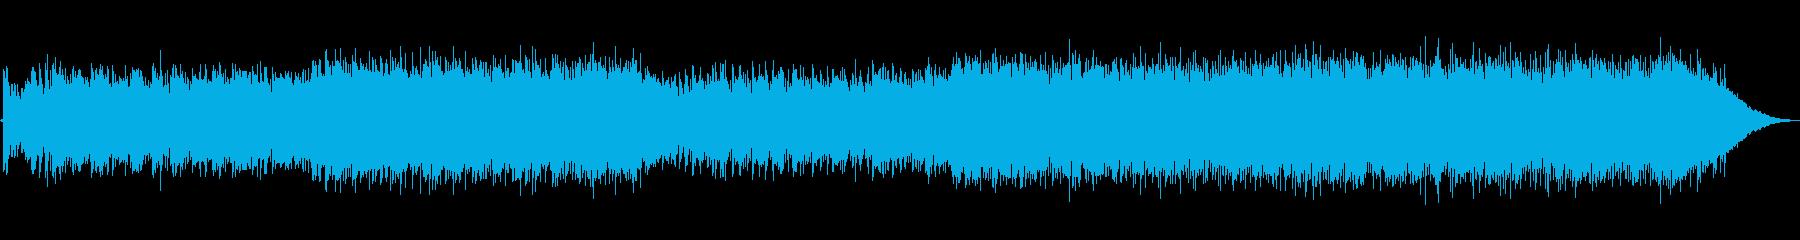 CM・おしゃれで躍動的なフラメンコEDMの再生済みの波形